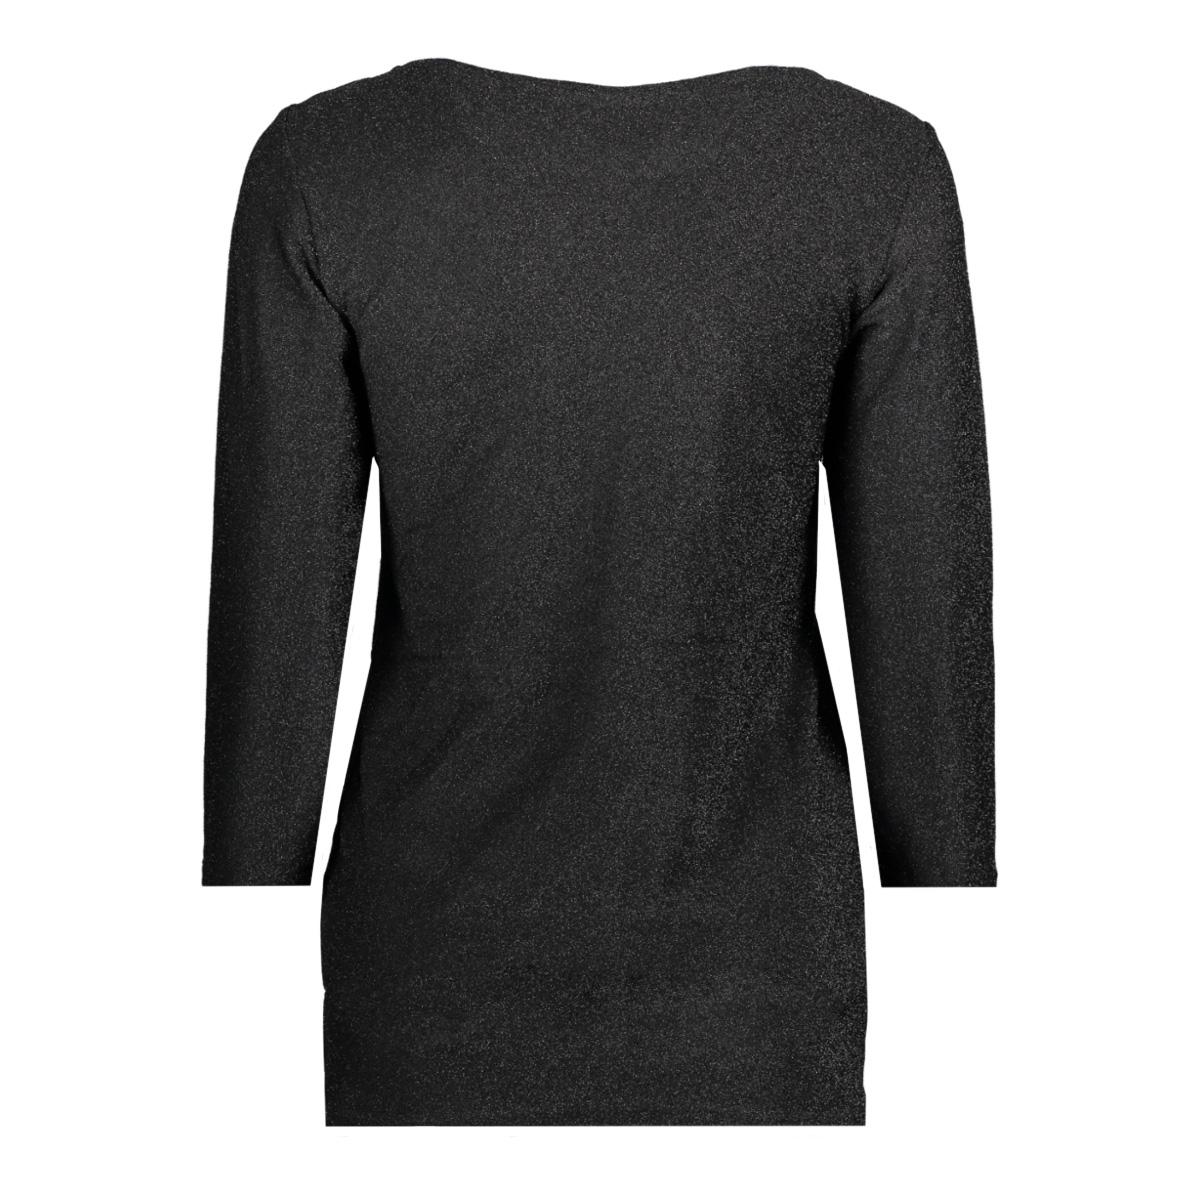 r1576 saint tropez t-shirt 0001